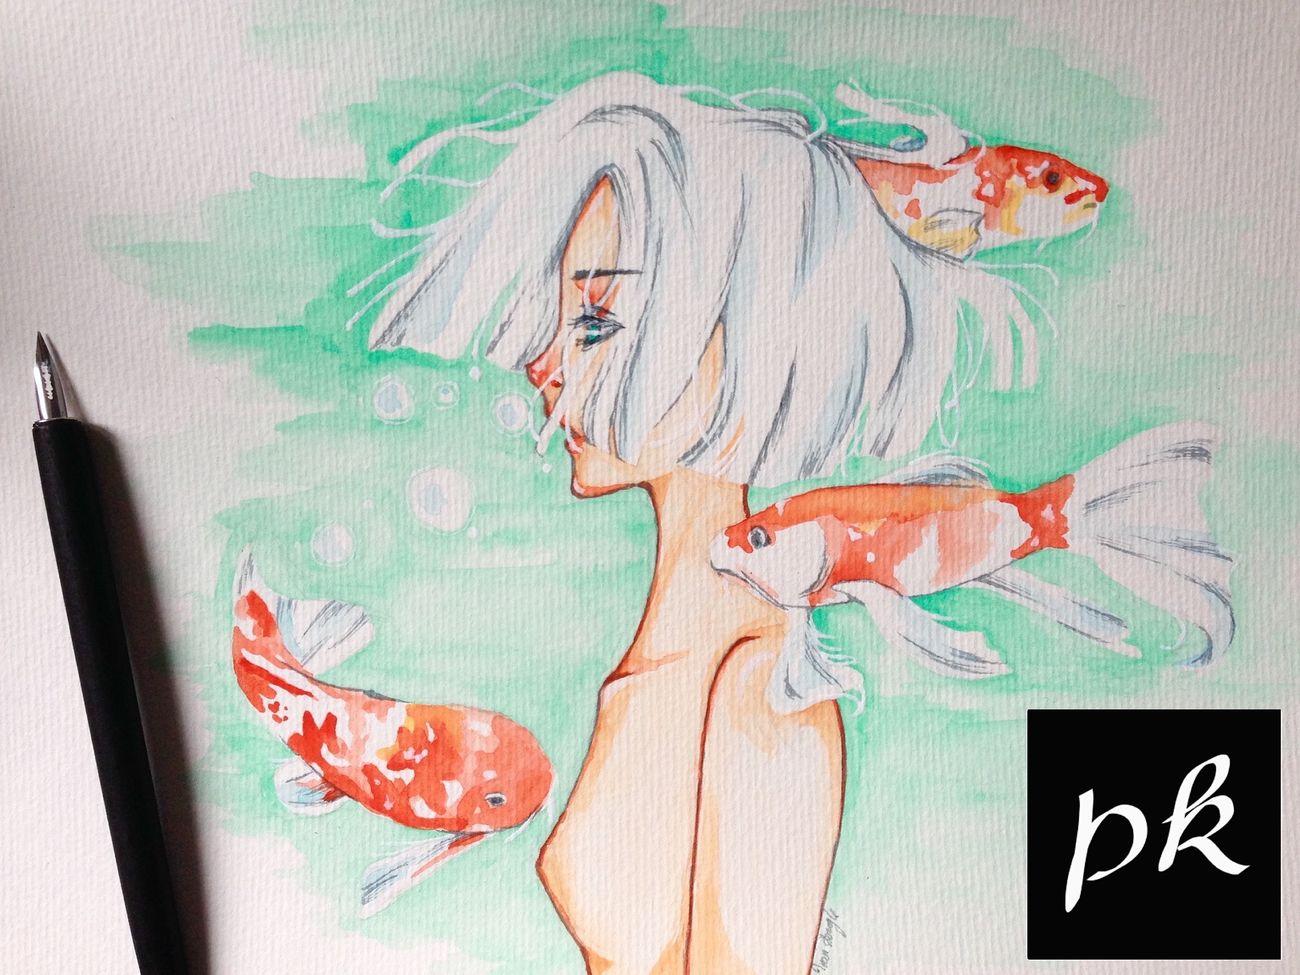 Art My Art Art, Drawing, Creativity Water Koi Fish Girl Watercolor Manga